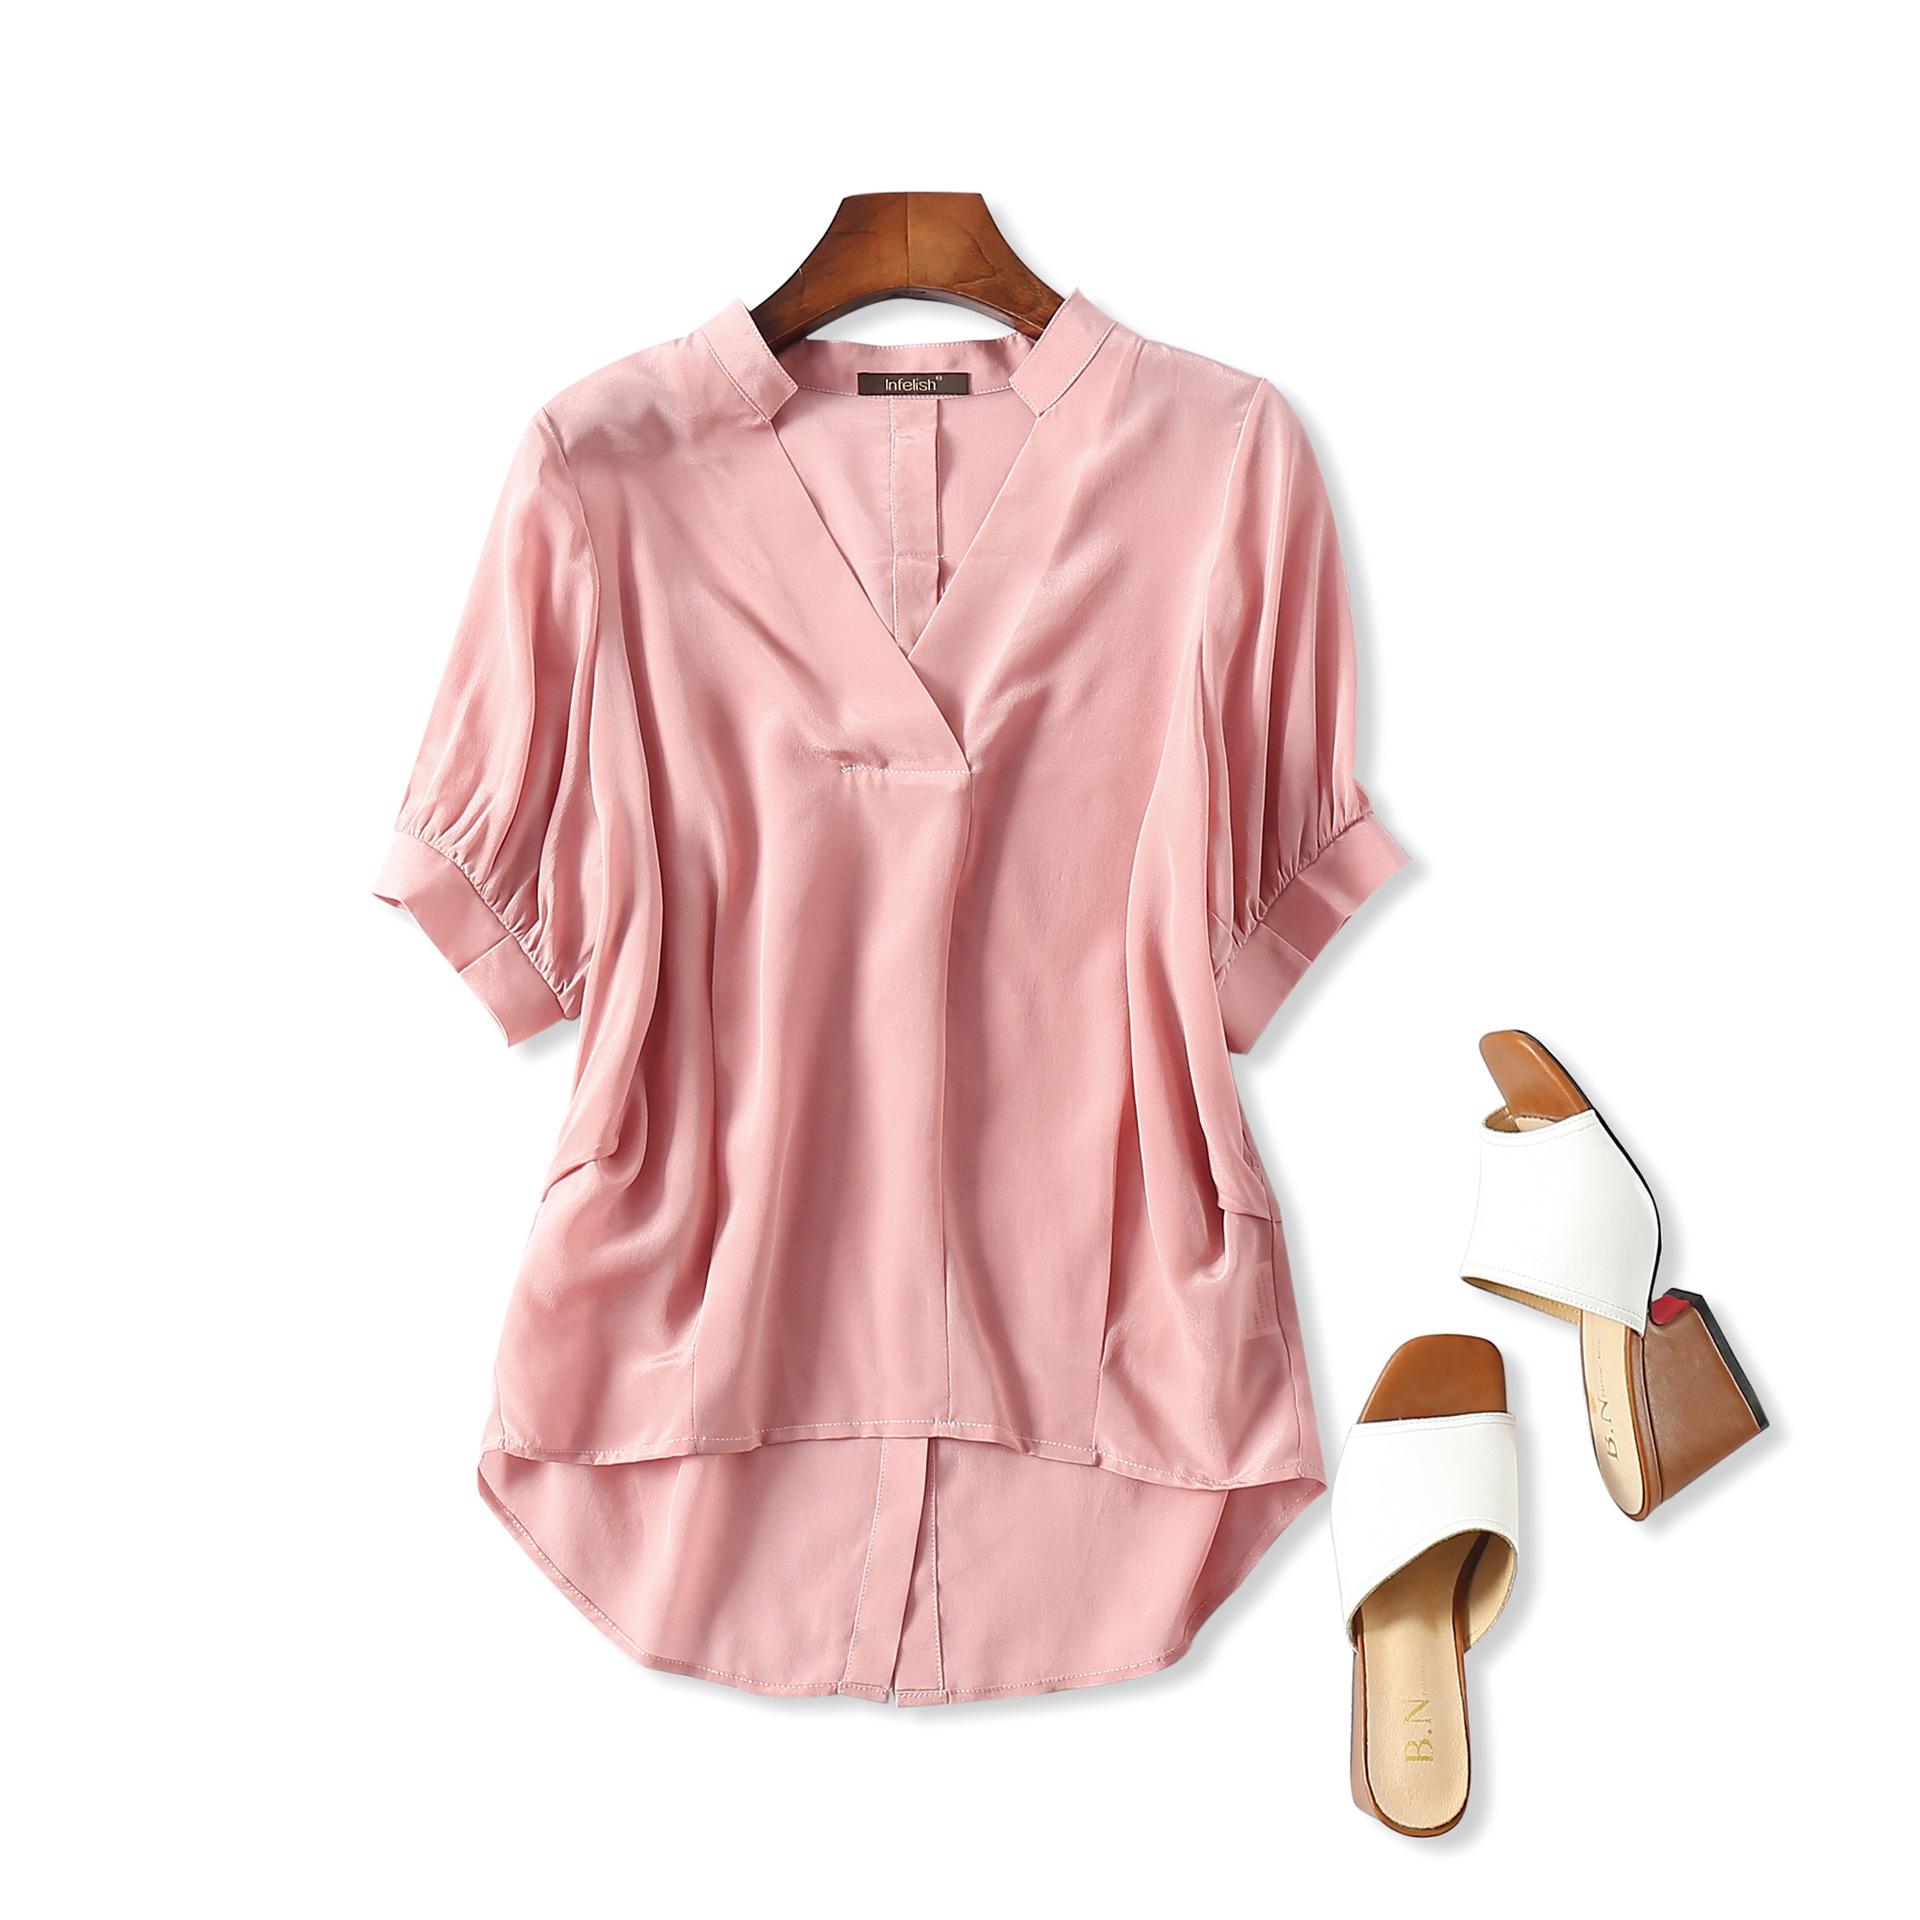 出口意大利外贸原单剪标尾货 后背扣子设计 V领真丝上衣衬衫女夏